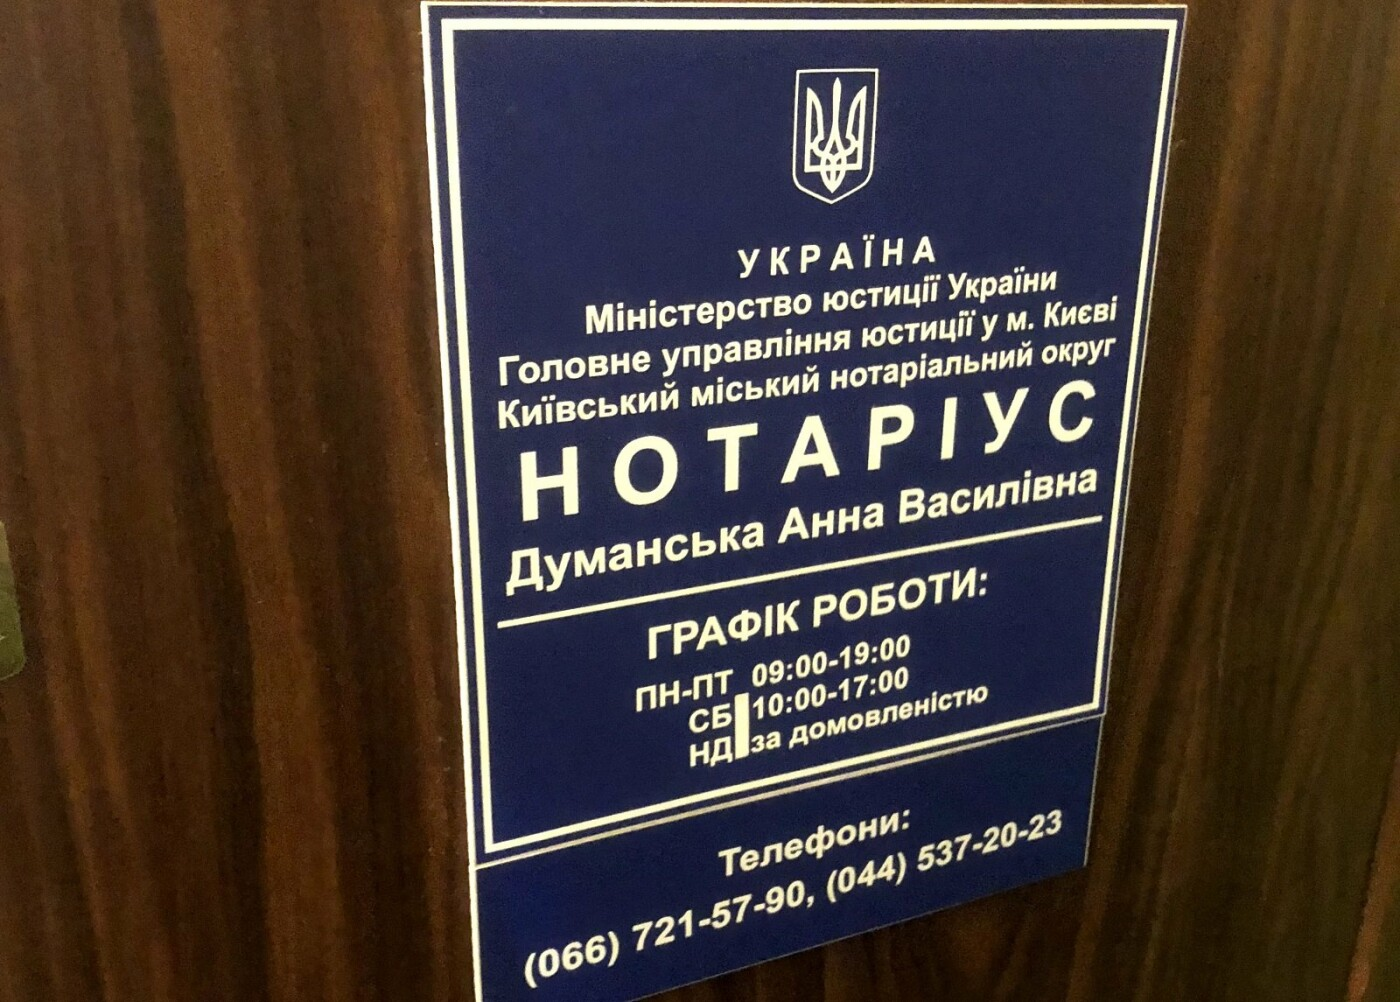 Нотариус Киев: ТОП-5 официальных компаний и отзывы о них, Фото: Лук'янович Мирослава